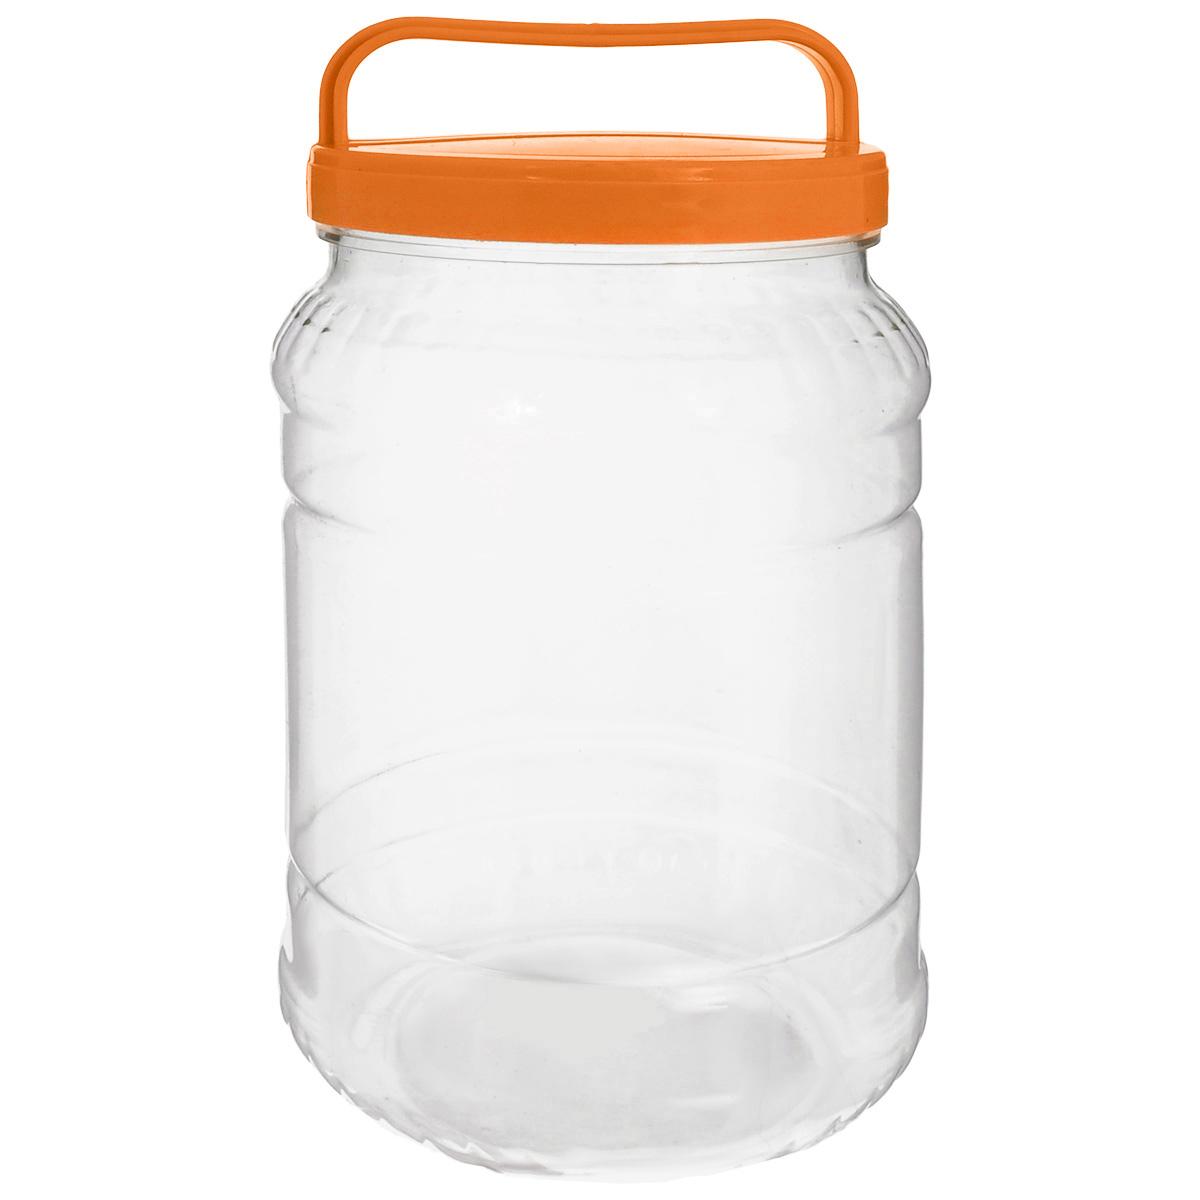 Бидон Альтернатива, цвет: прозрачный, оранжевый, 2 лVT-1520(SR)Бидон Альтернатива предназначен для хранения и переноски пищевых продуктов, таких как молоко, вода и прочее. Выполнен из пищевого высококачественного пластика. Оснащен ручкой для удобной переноски.Бидон Альтернатива станет незаменимым аксессуаром на вашей кухне.Высота бидона (без учета крышки): 20,5 см.Диаметр: 10,5 см.